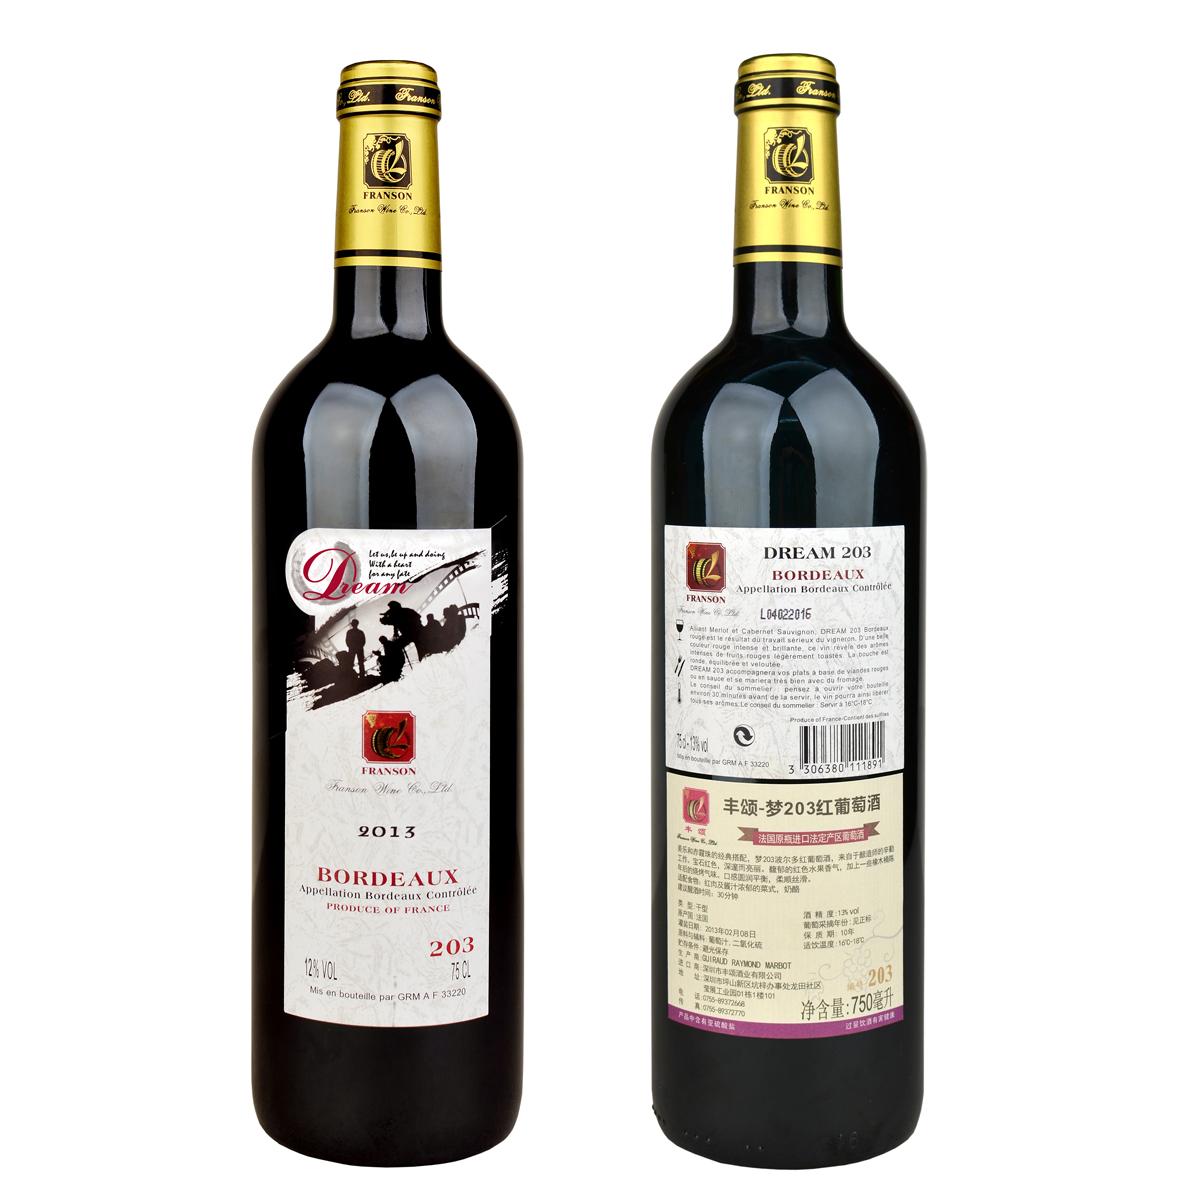 丰颂-梦203红葡萄酒